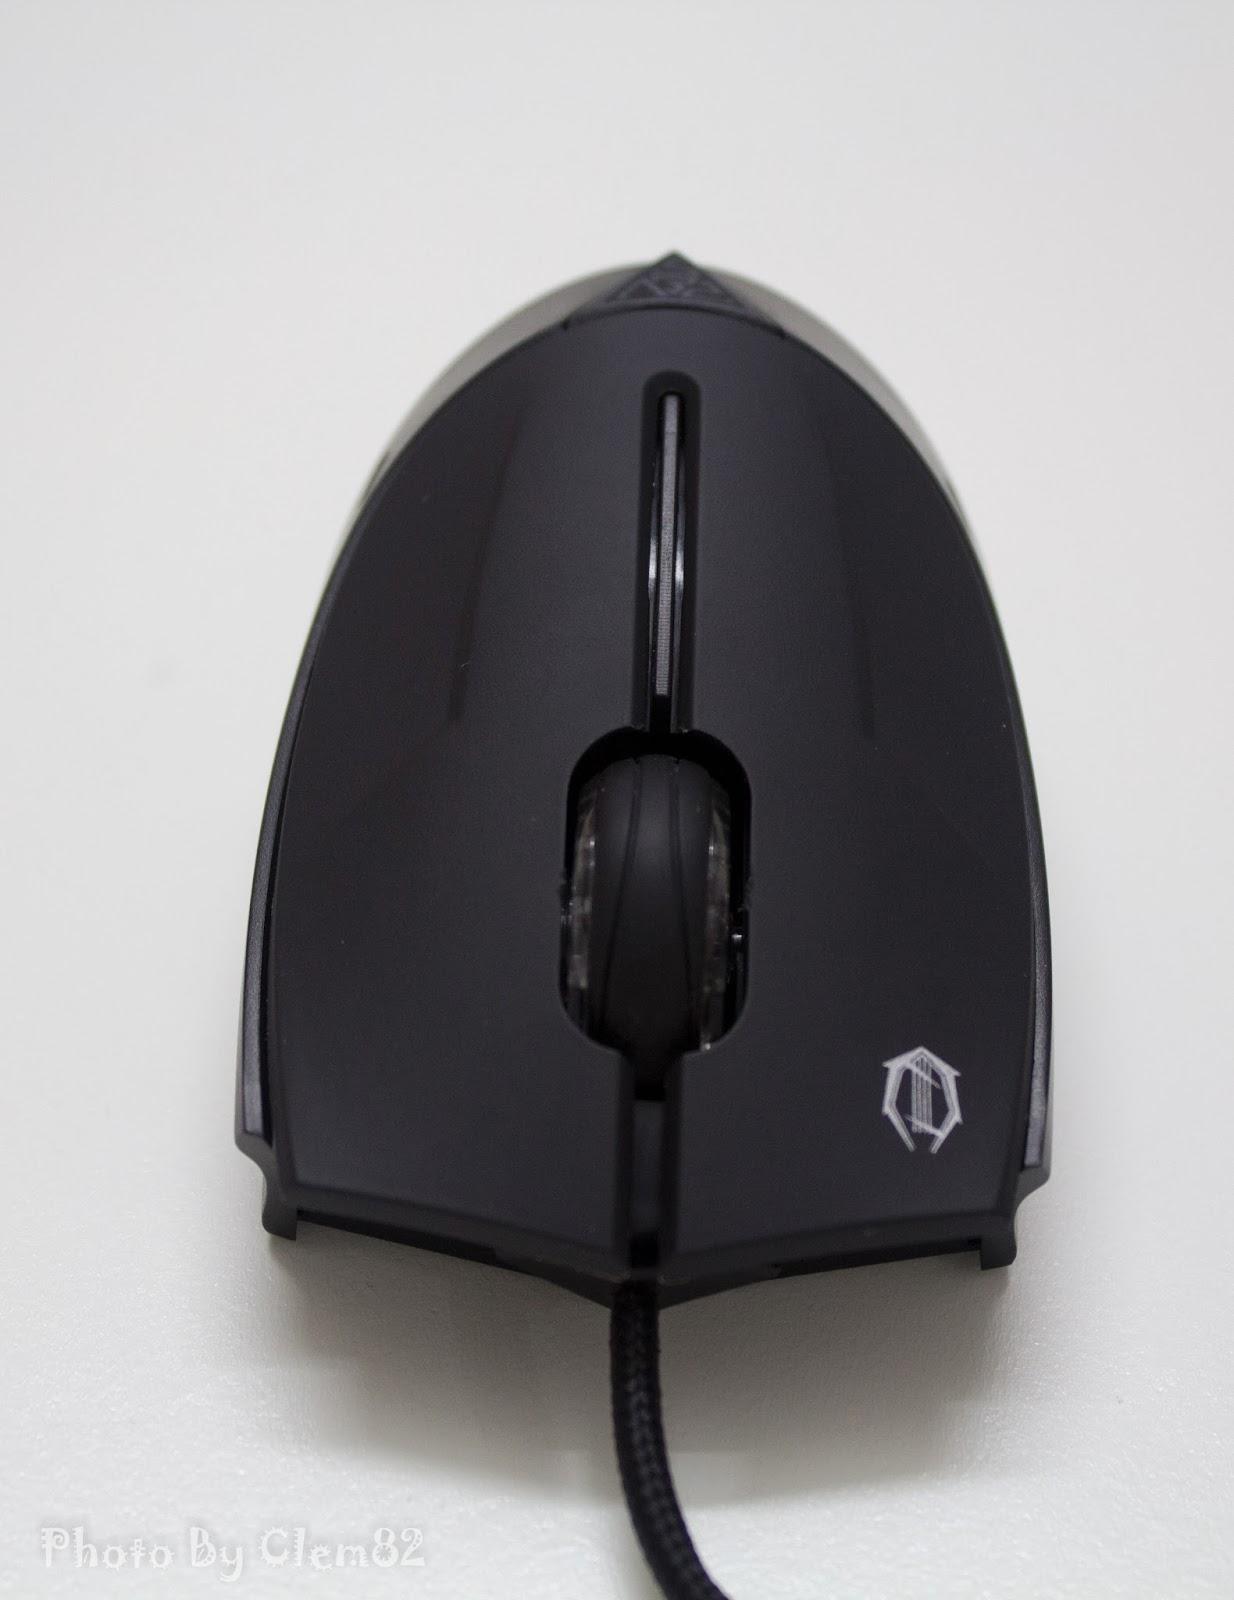 Gamdias Apollo Extension Optical Gaming Mouse 60